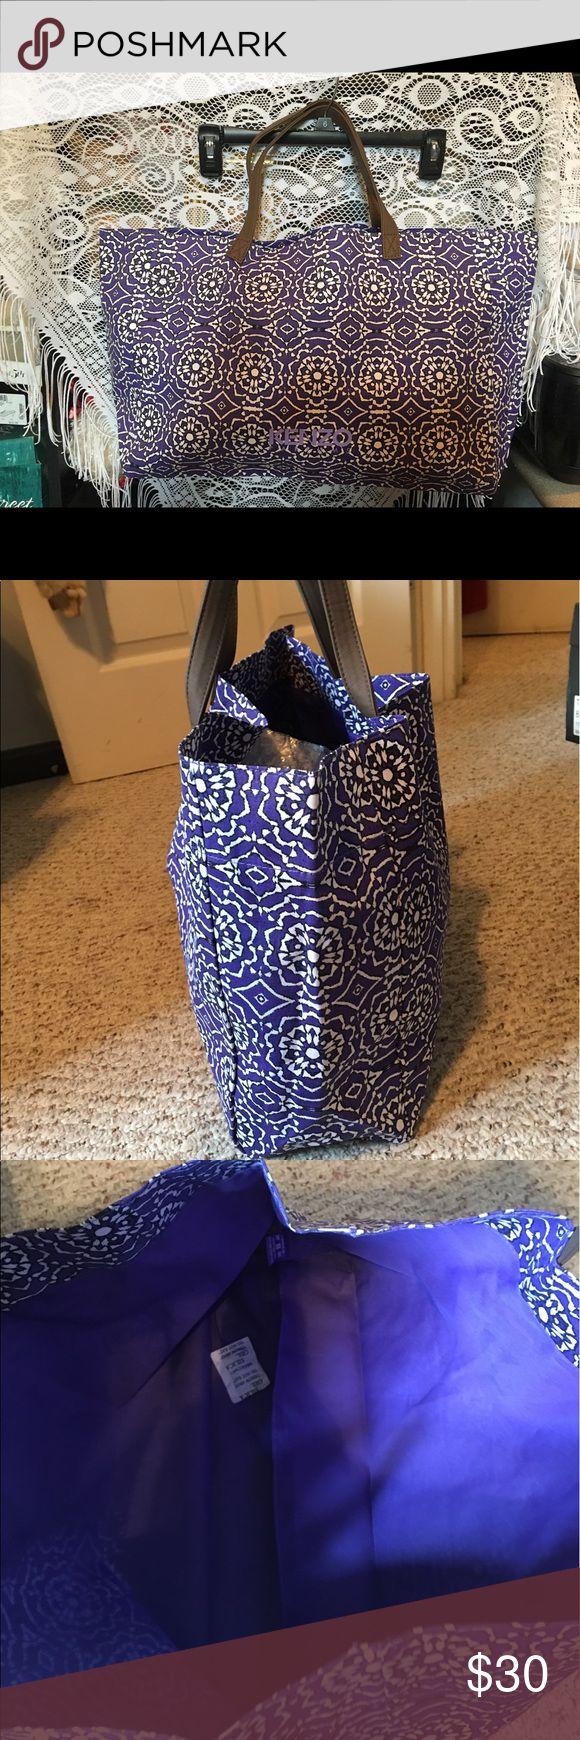 Kenzo summer Tote bag Kenzo summer Tote bag outdoor cotton Kenzo Bags Totes